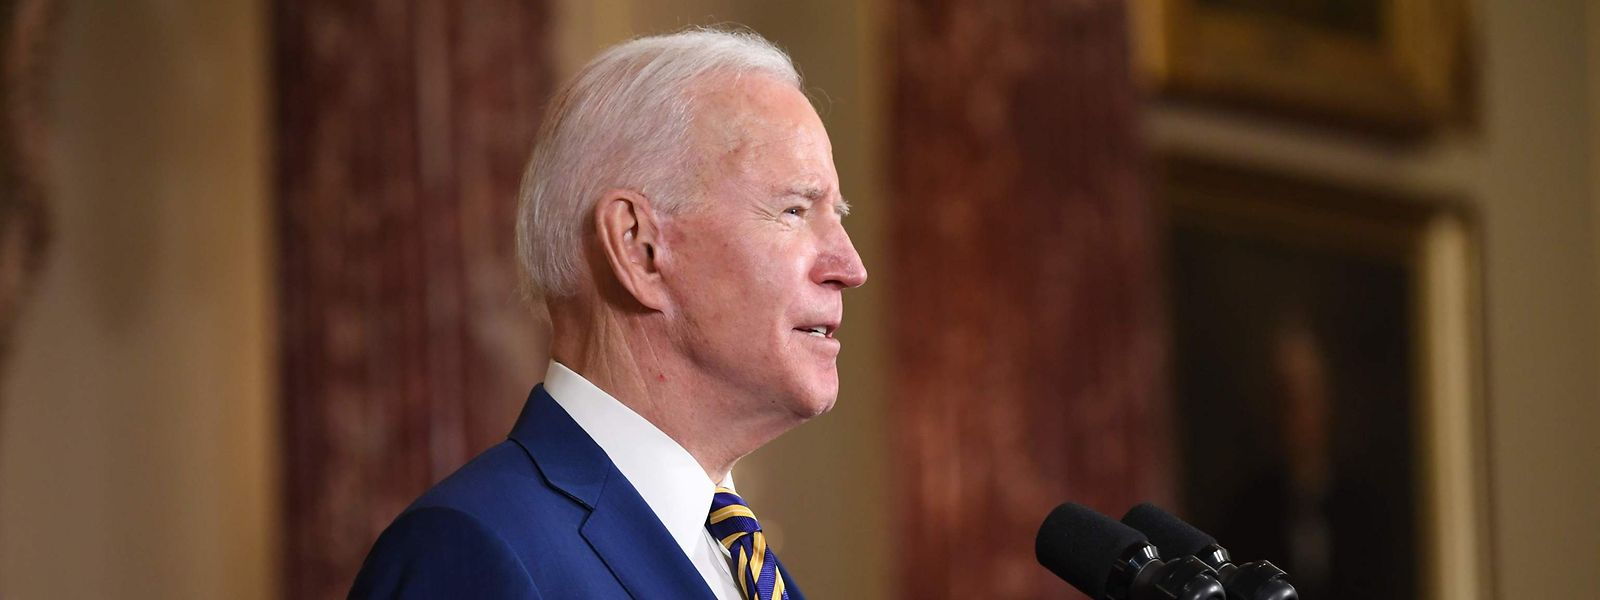 US-Präsident Joe Biden sprach am Donnerstag über seine außenpolitischen Ziele.